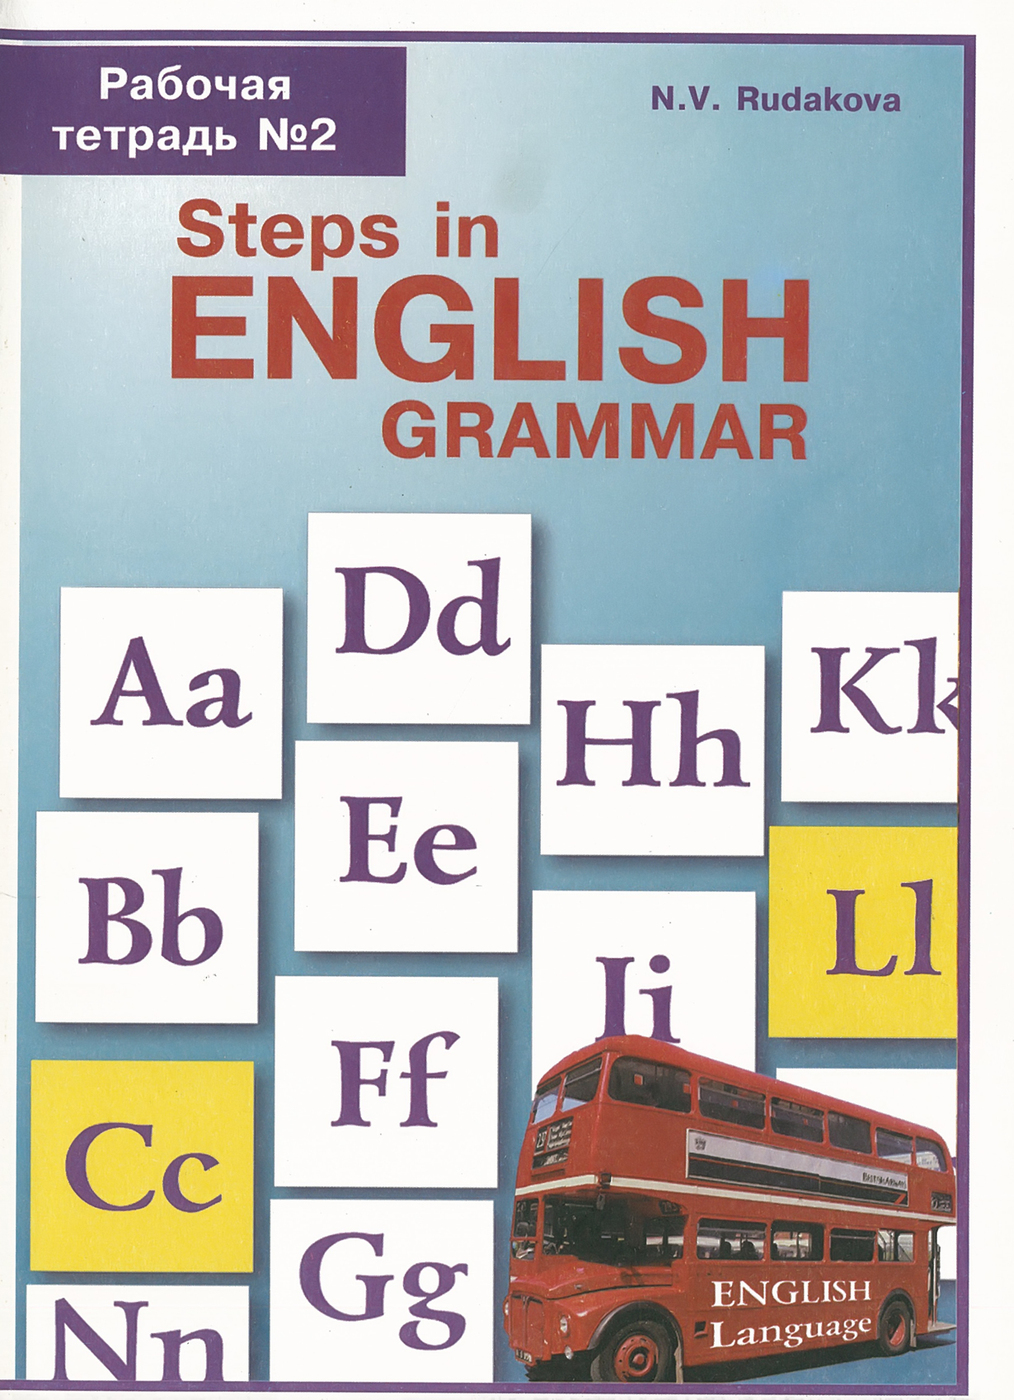 Рабочая тетрадь №2. Steps in english grammar